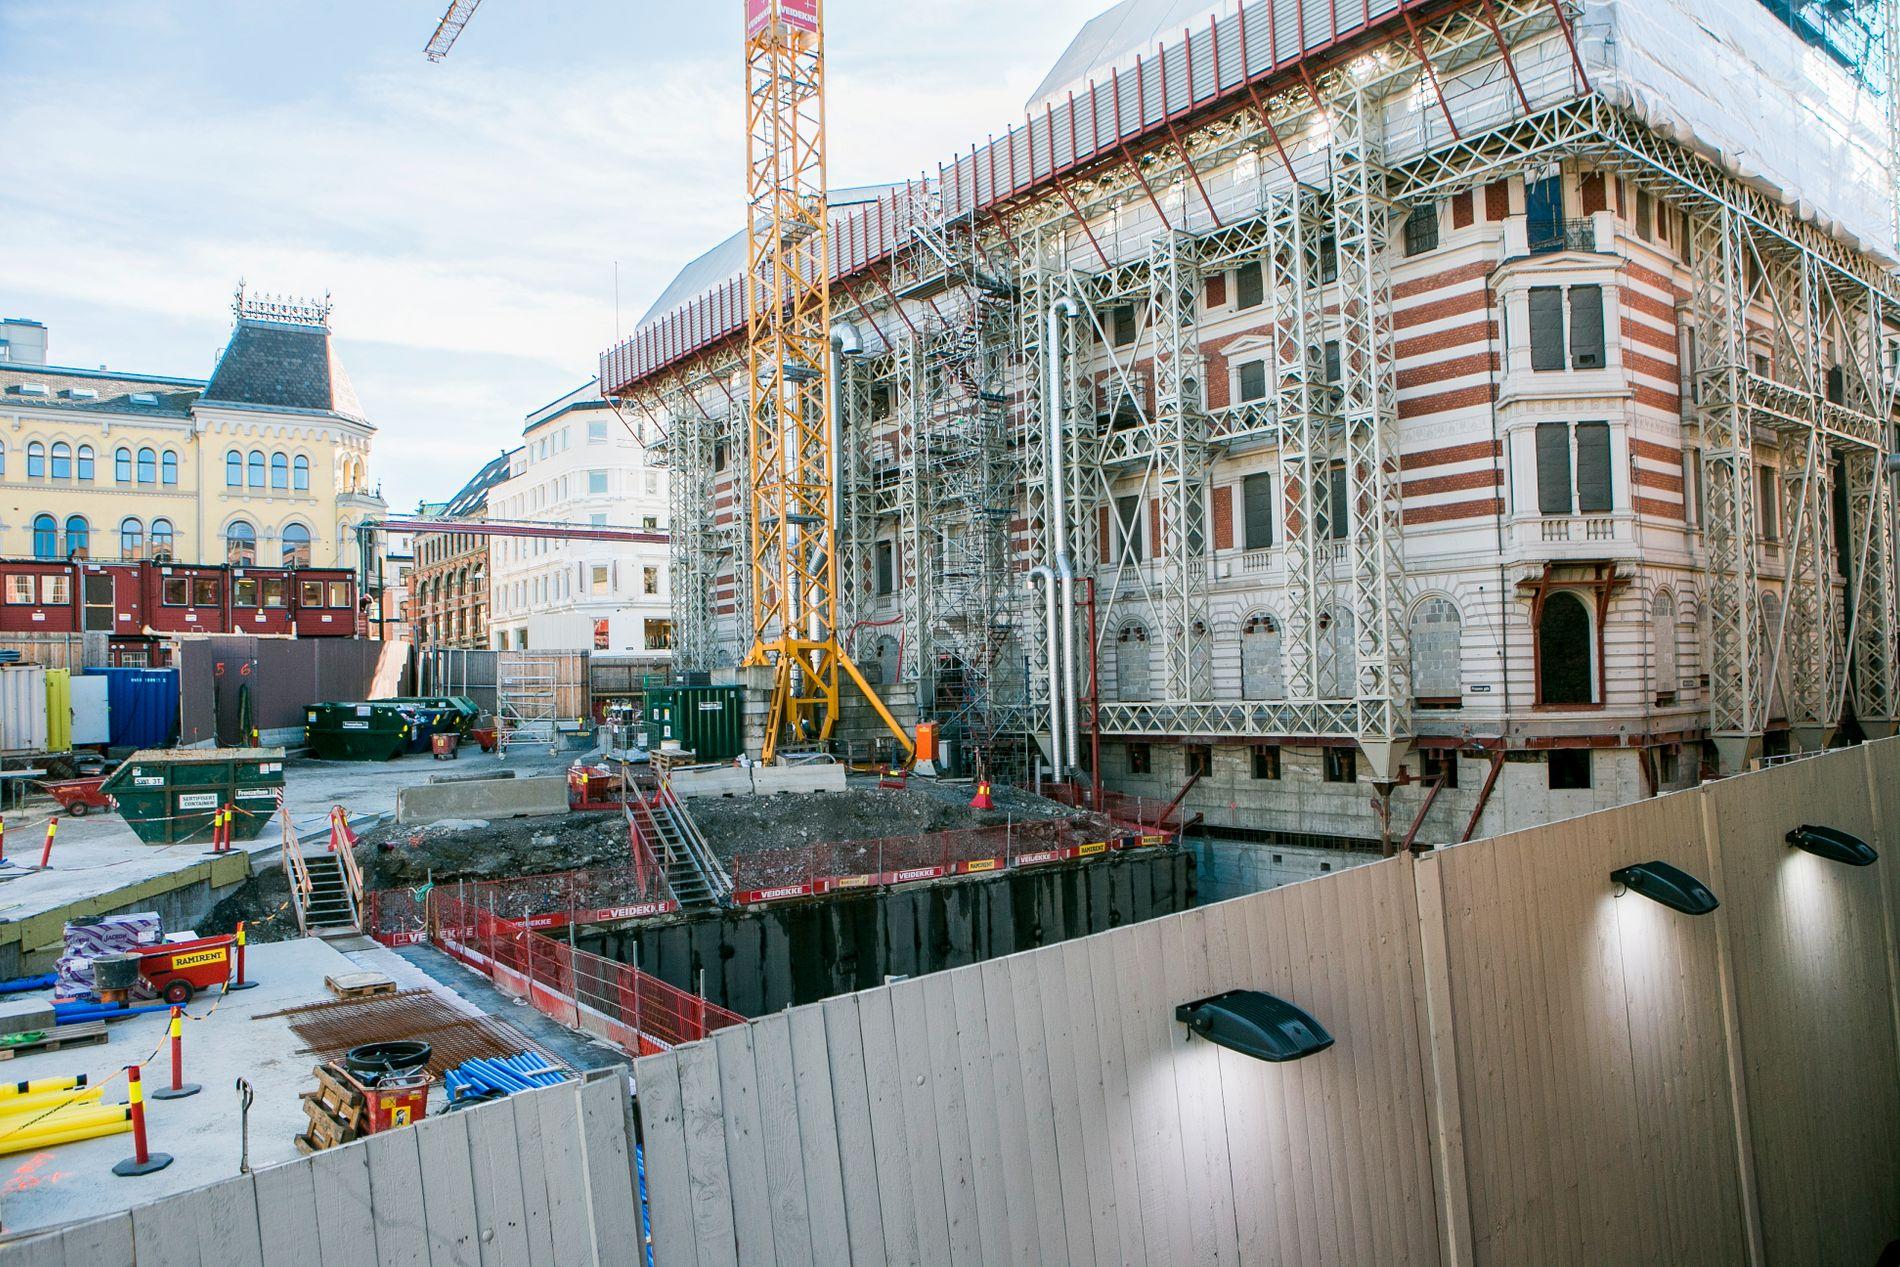 SPRAKK: Stortingets store byggeprosjekt med ny tunnel til garasjen og rehabilitering av Prinsens gate 26, er gransket av Riksrevisjonen som gir kritikk på flere punkter.